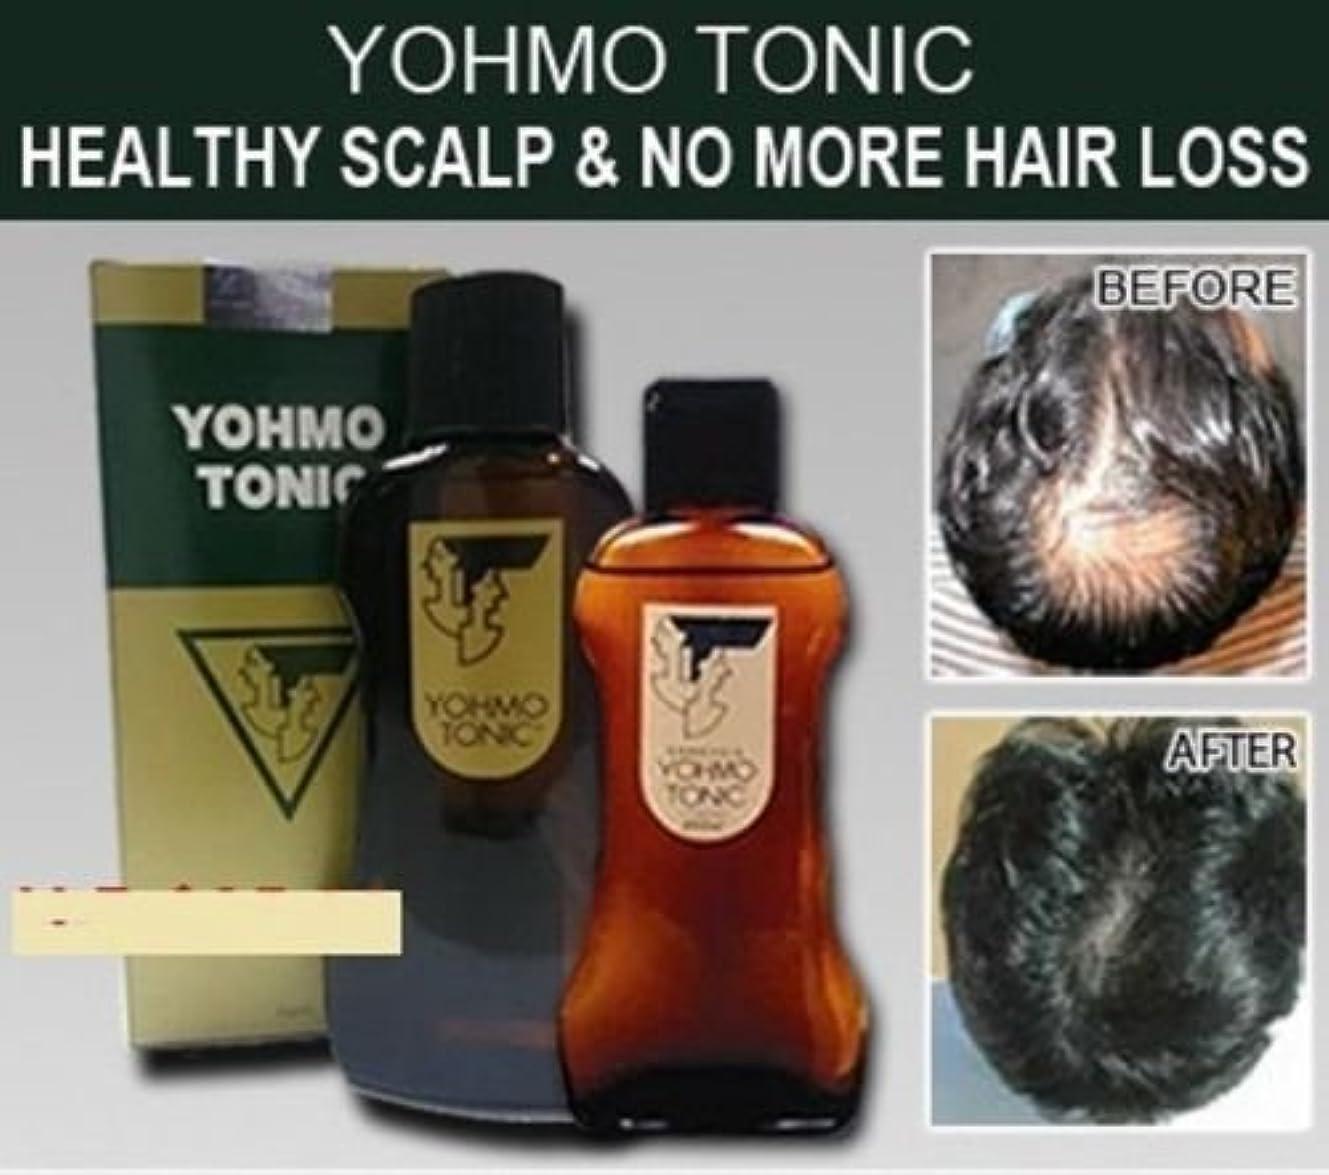 治療栄養各YOHMO 強壮剤200ml 使用する育毛剤外部日本脱毛強壮剤